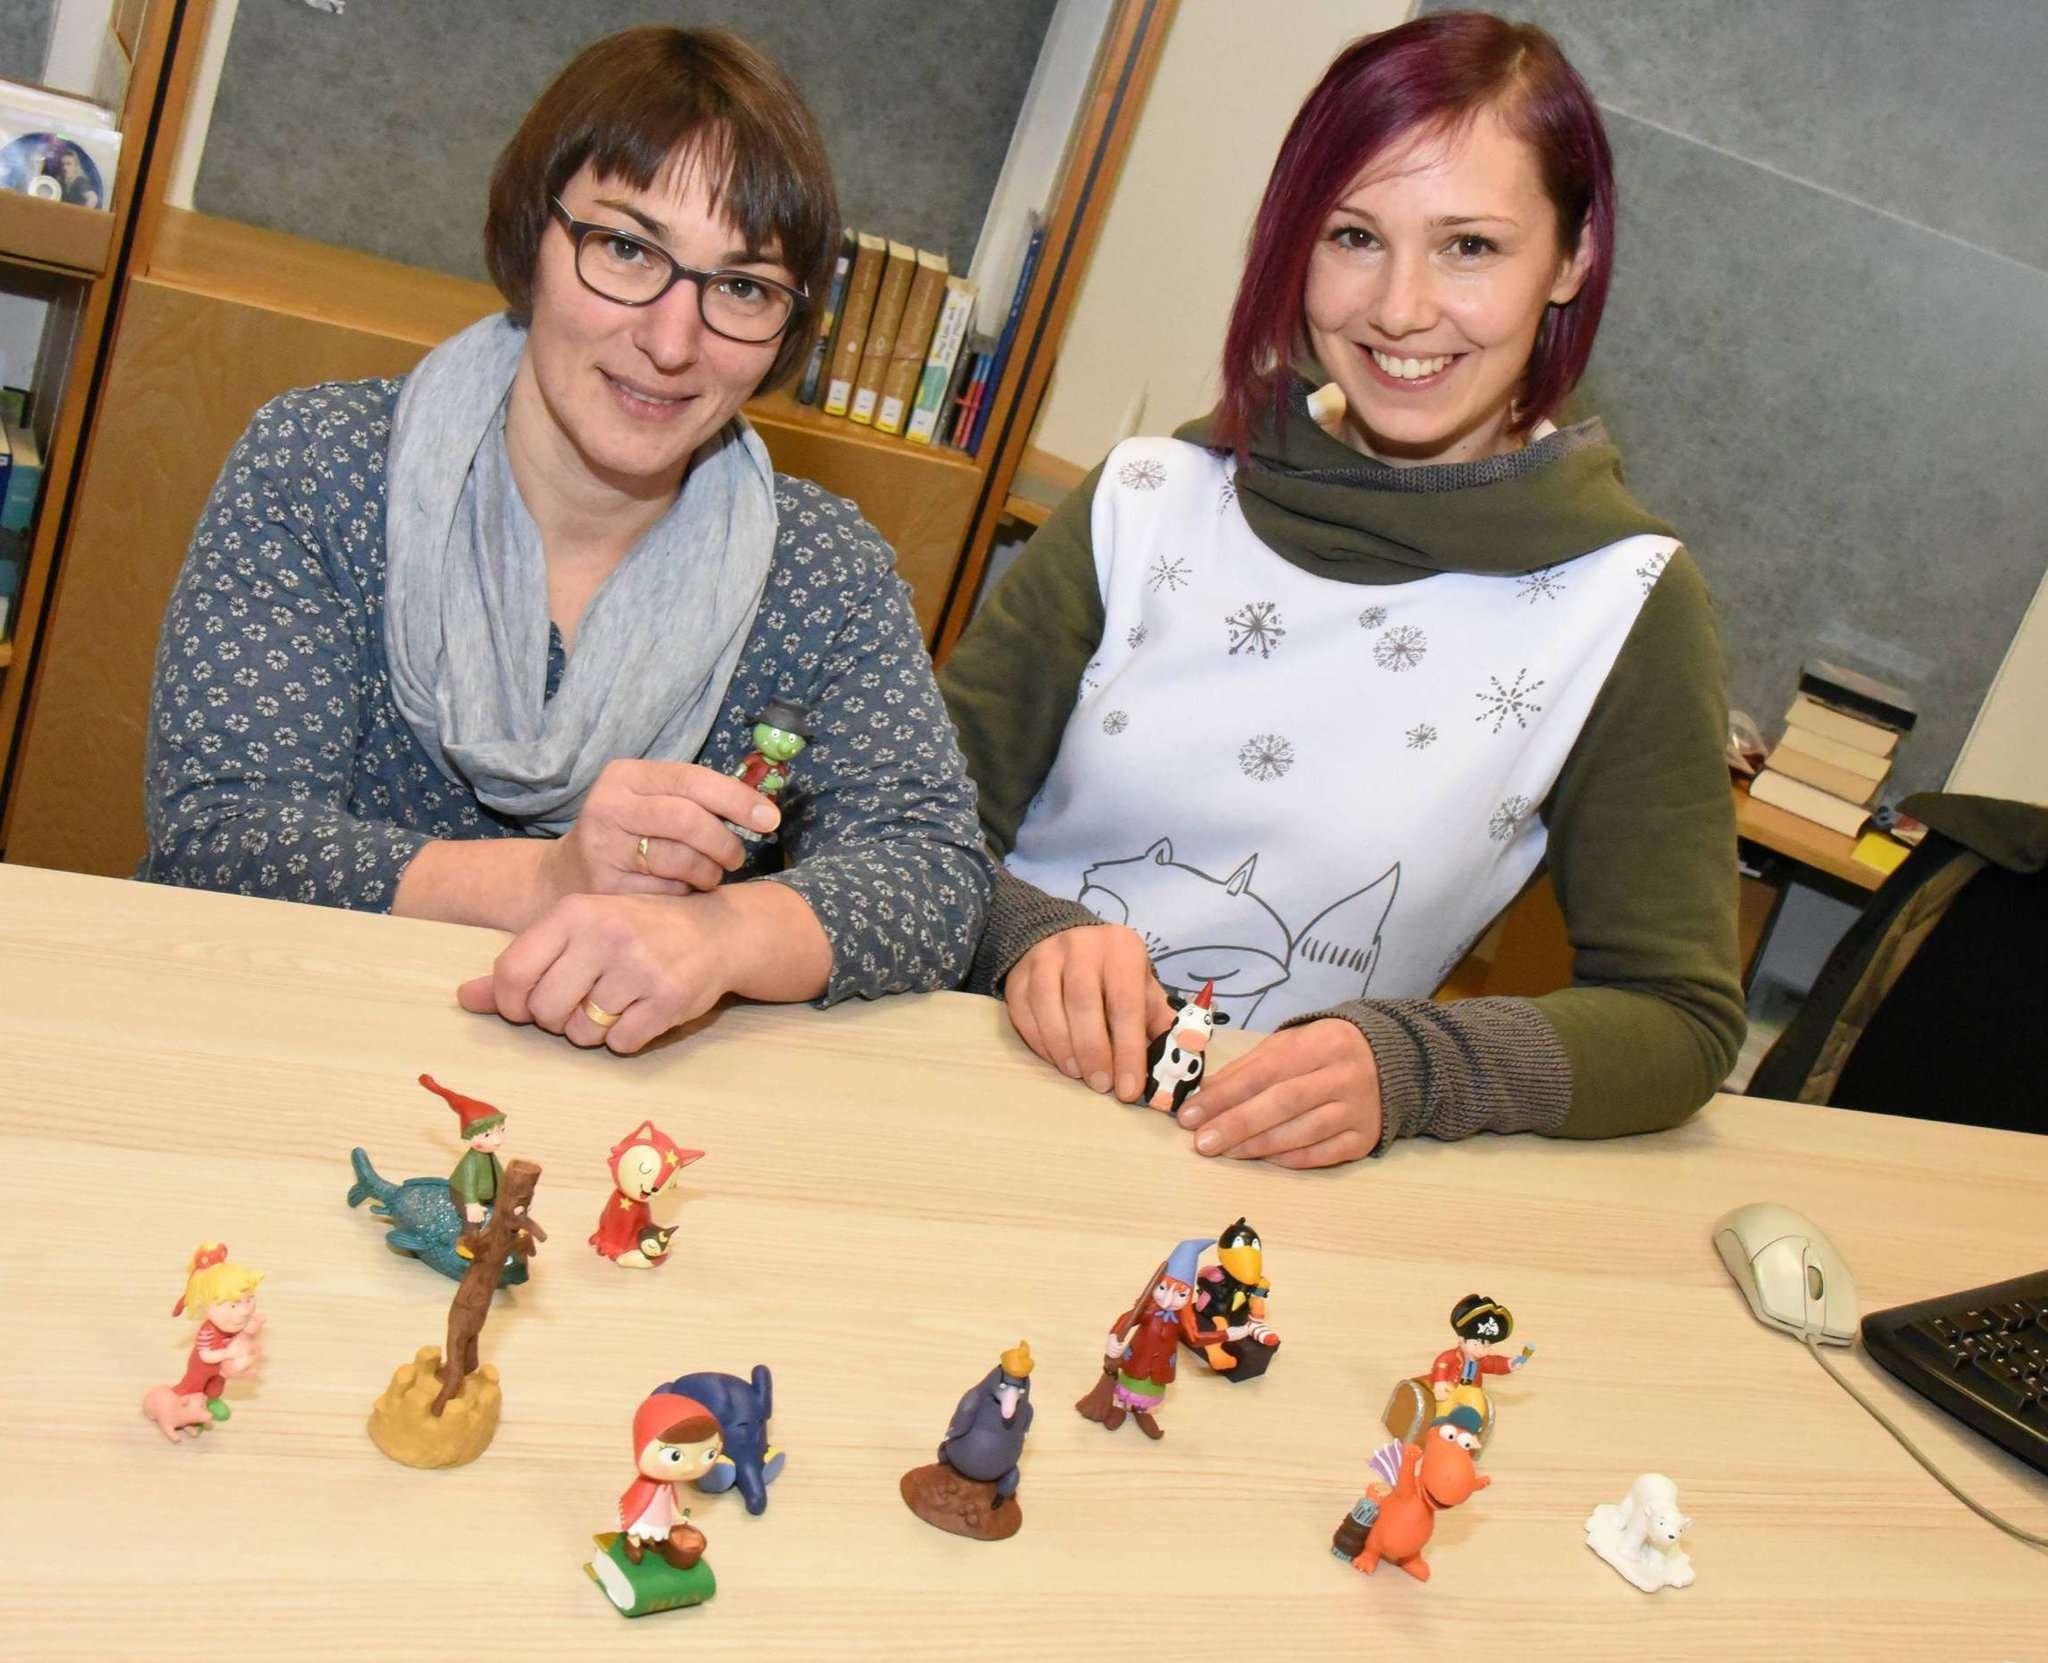 Bianca Wunder und Anja Thiede freuen sich über die neuen Tonies, die kleinen Kunden der Samtgemeindebücherei ein besonderes Hörspielerlebnis bieten sollen.